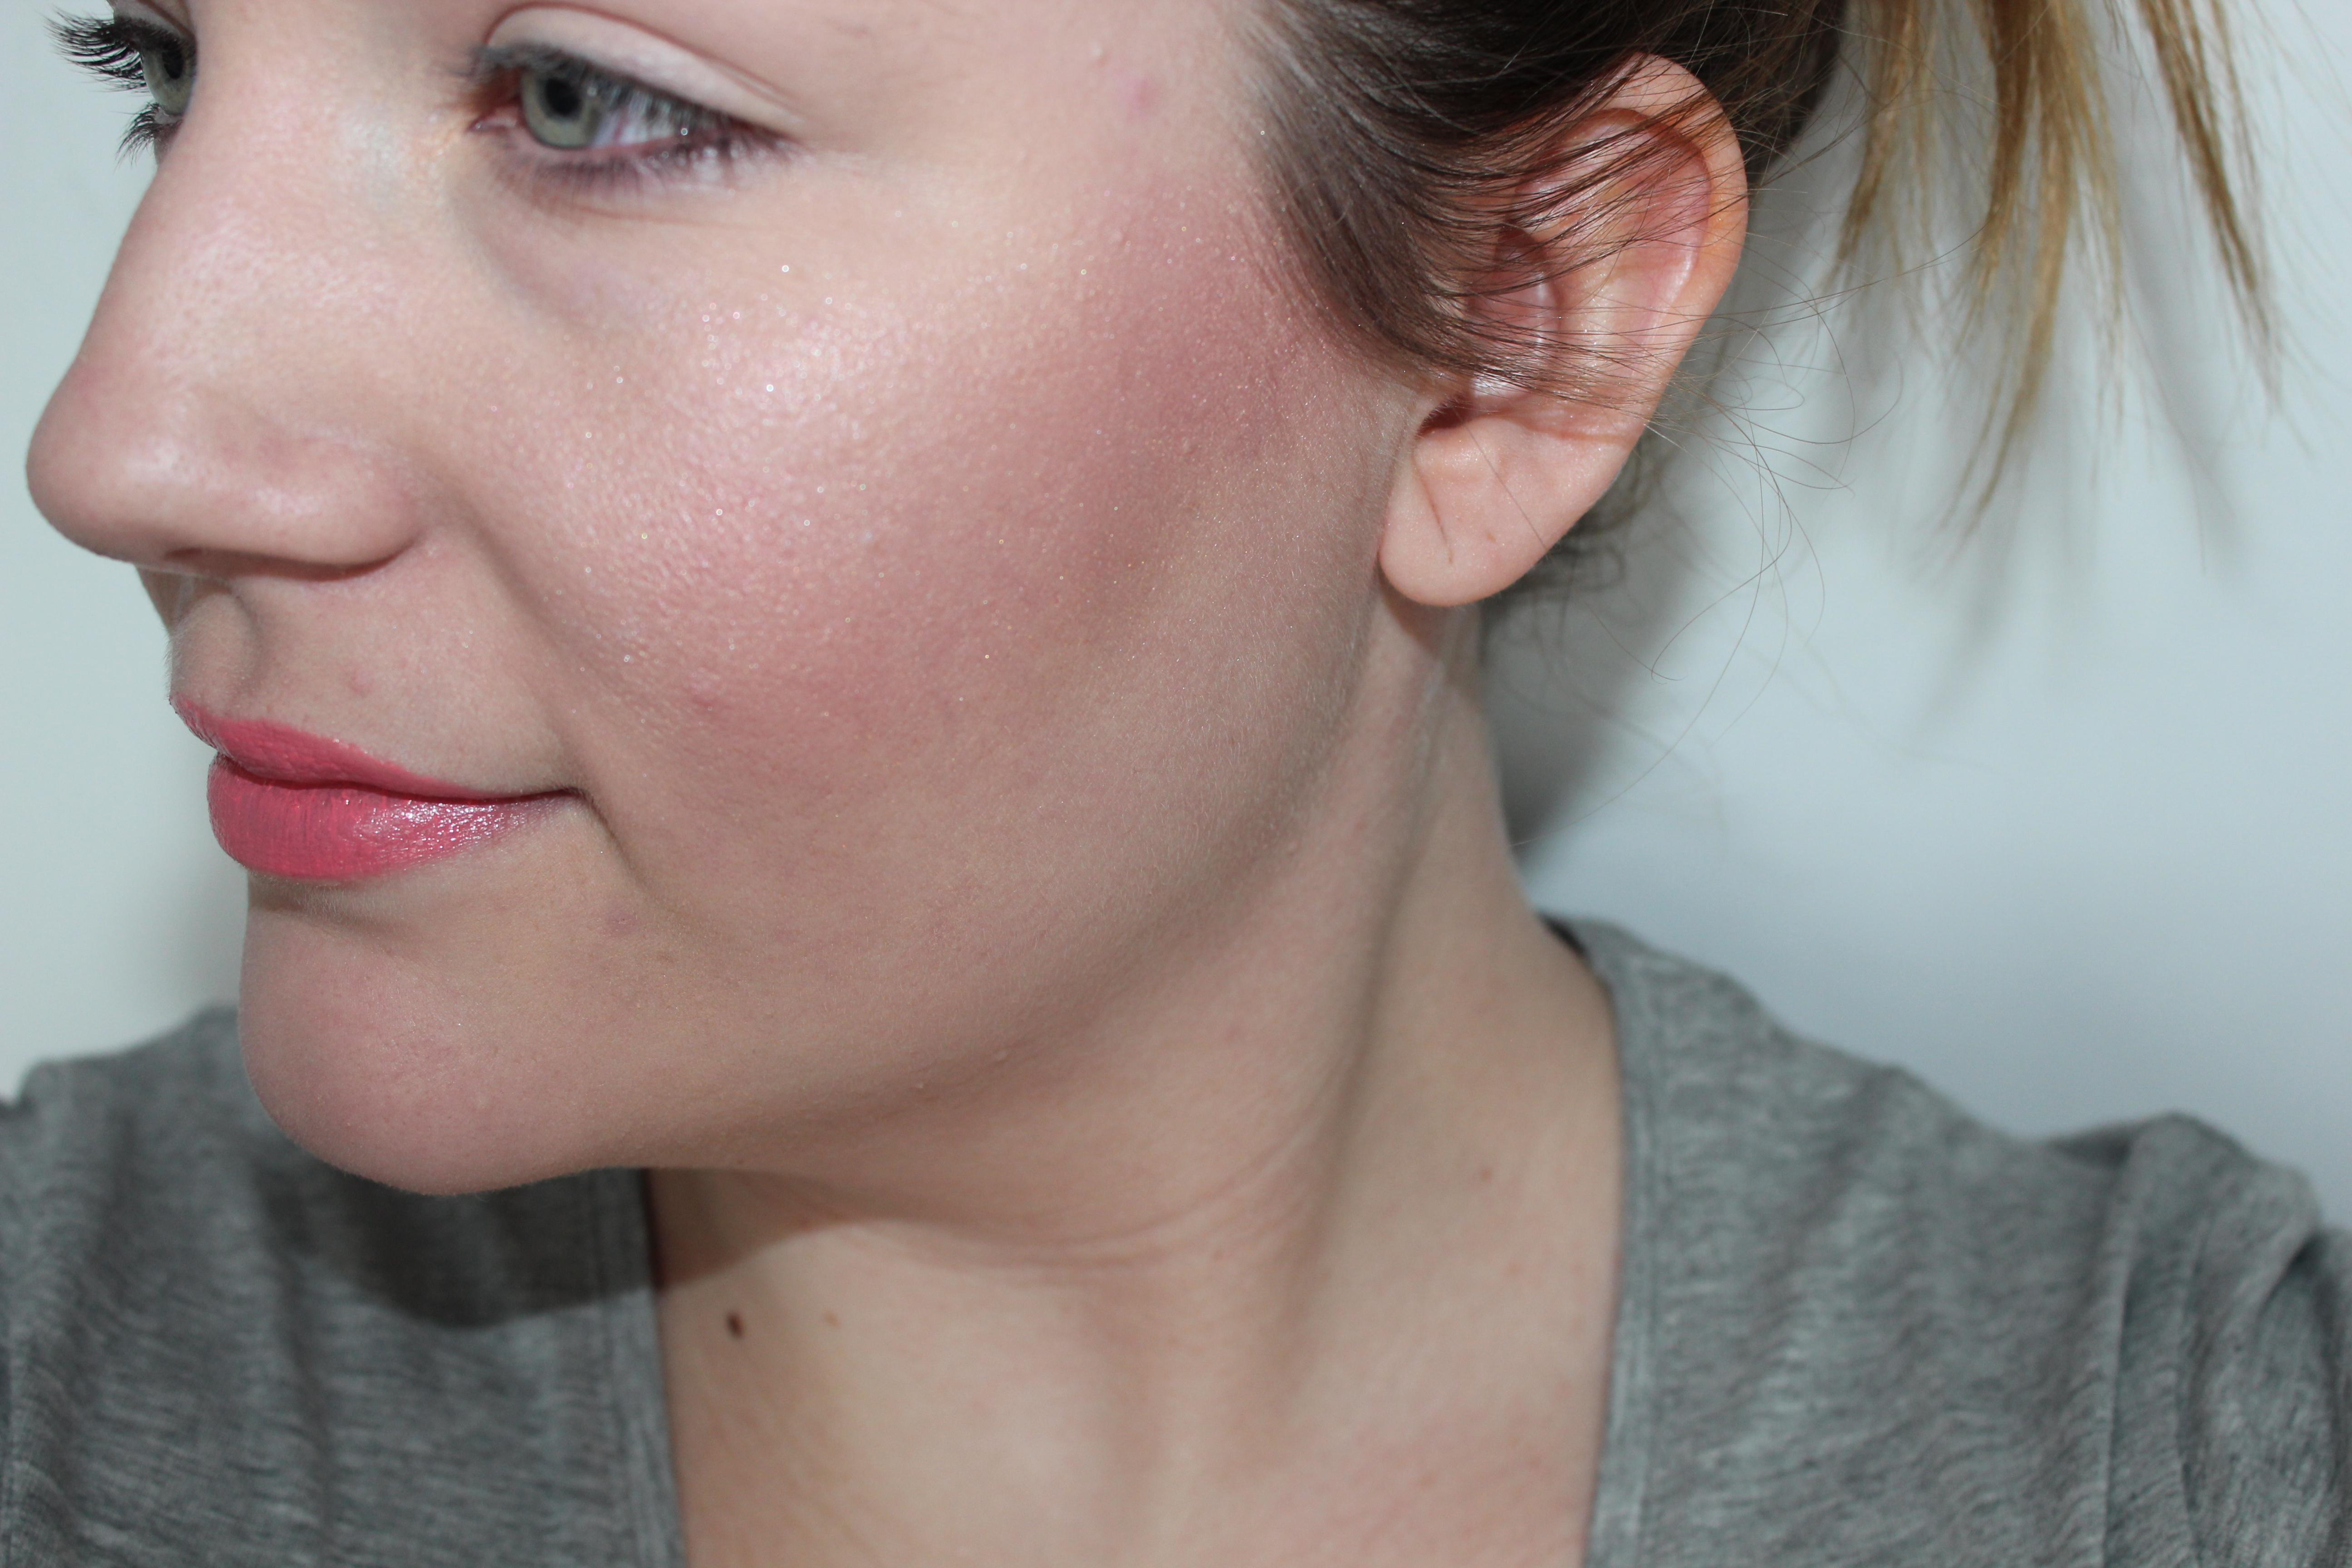 ... Makeup Revolution Sculpt Contour Kit C04 Review Saubhaya Makeup